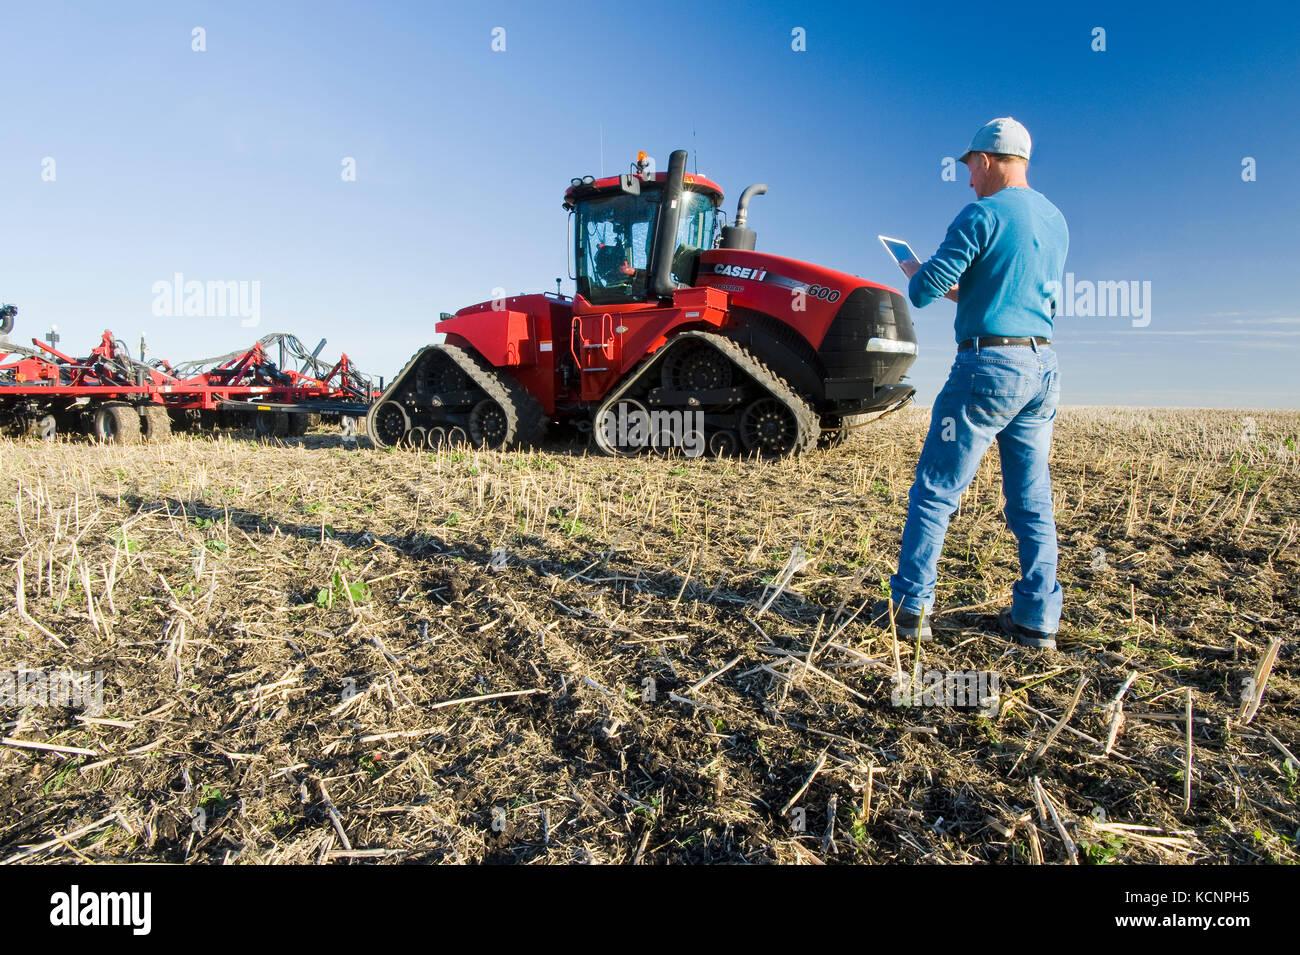 Agriculteur en utilisant une tablette en avant d'un tracteur et le semoir pneumatique la plantation de blé Photo Stock